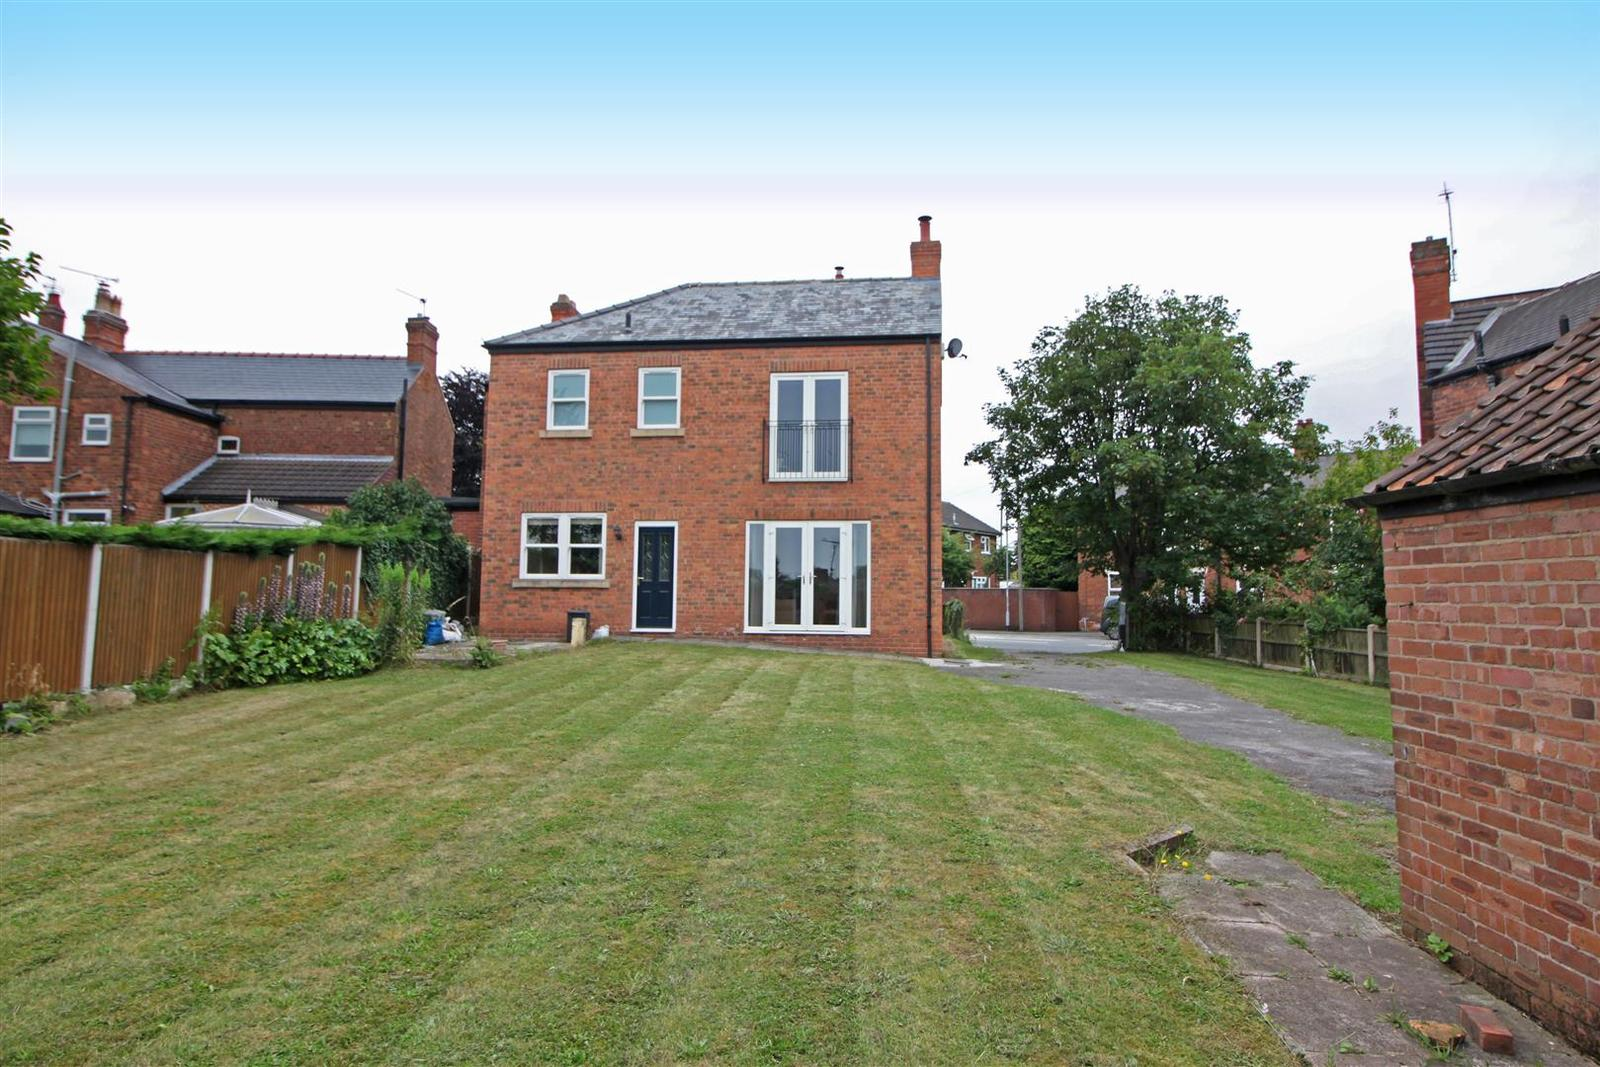 4 Bedrooms Property for sale in Tiln Lane, Retford